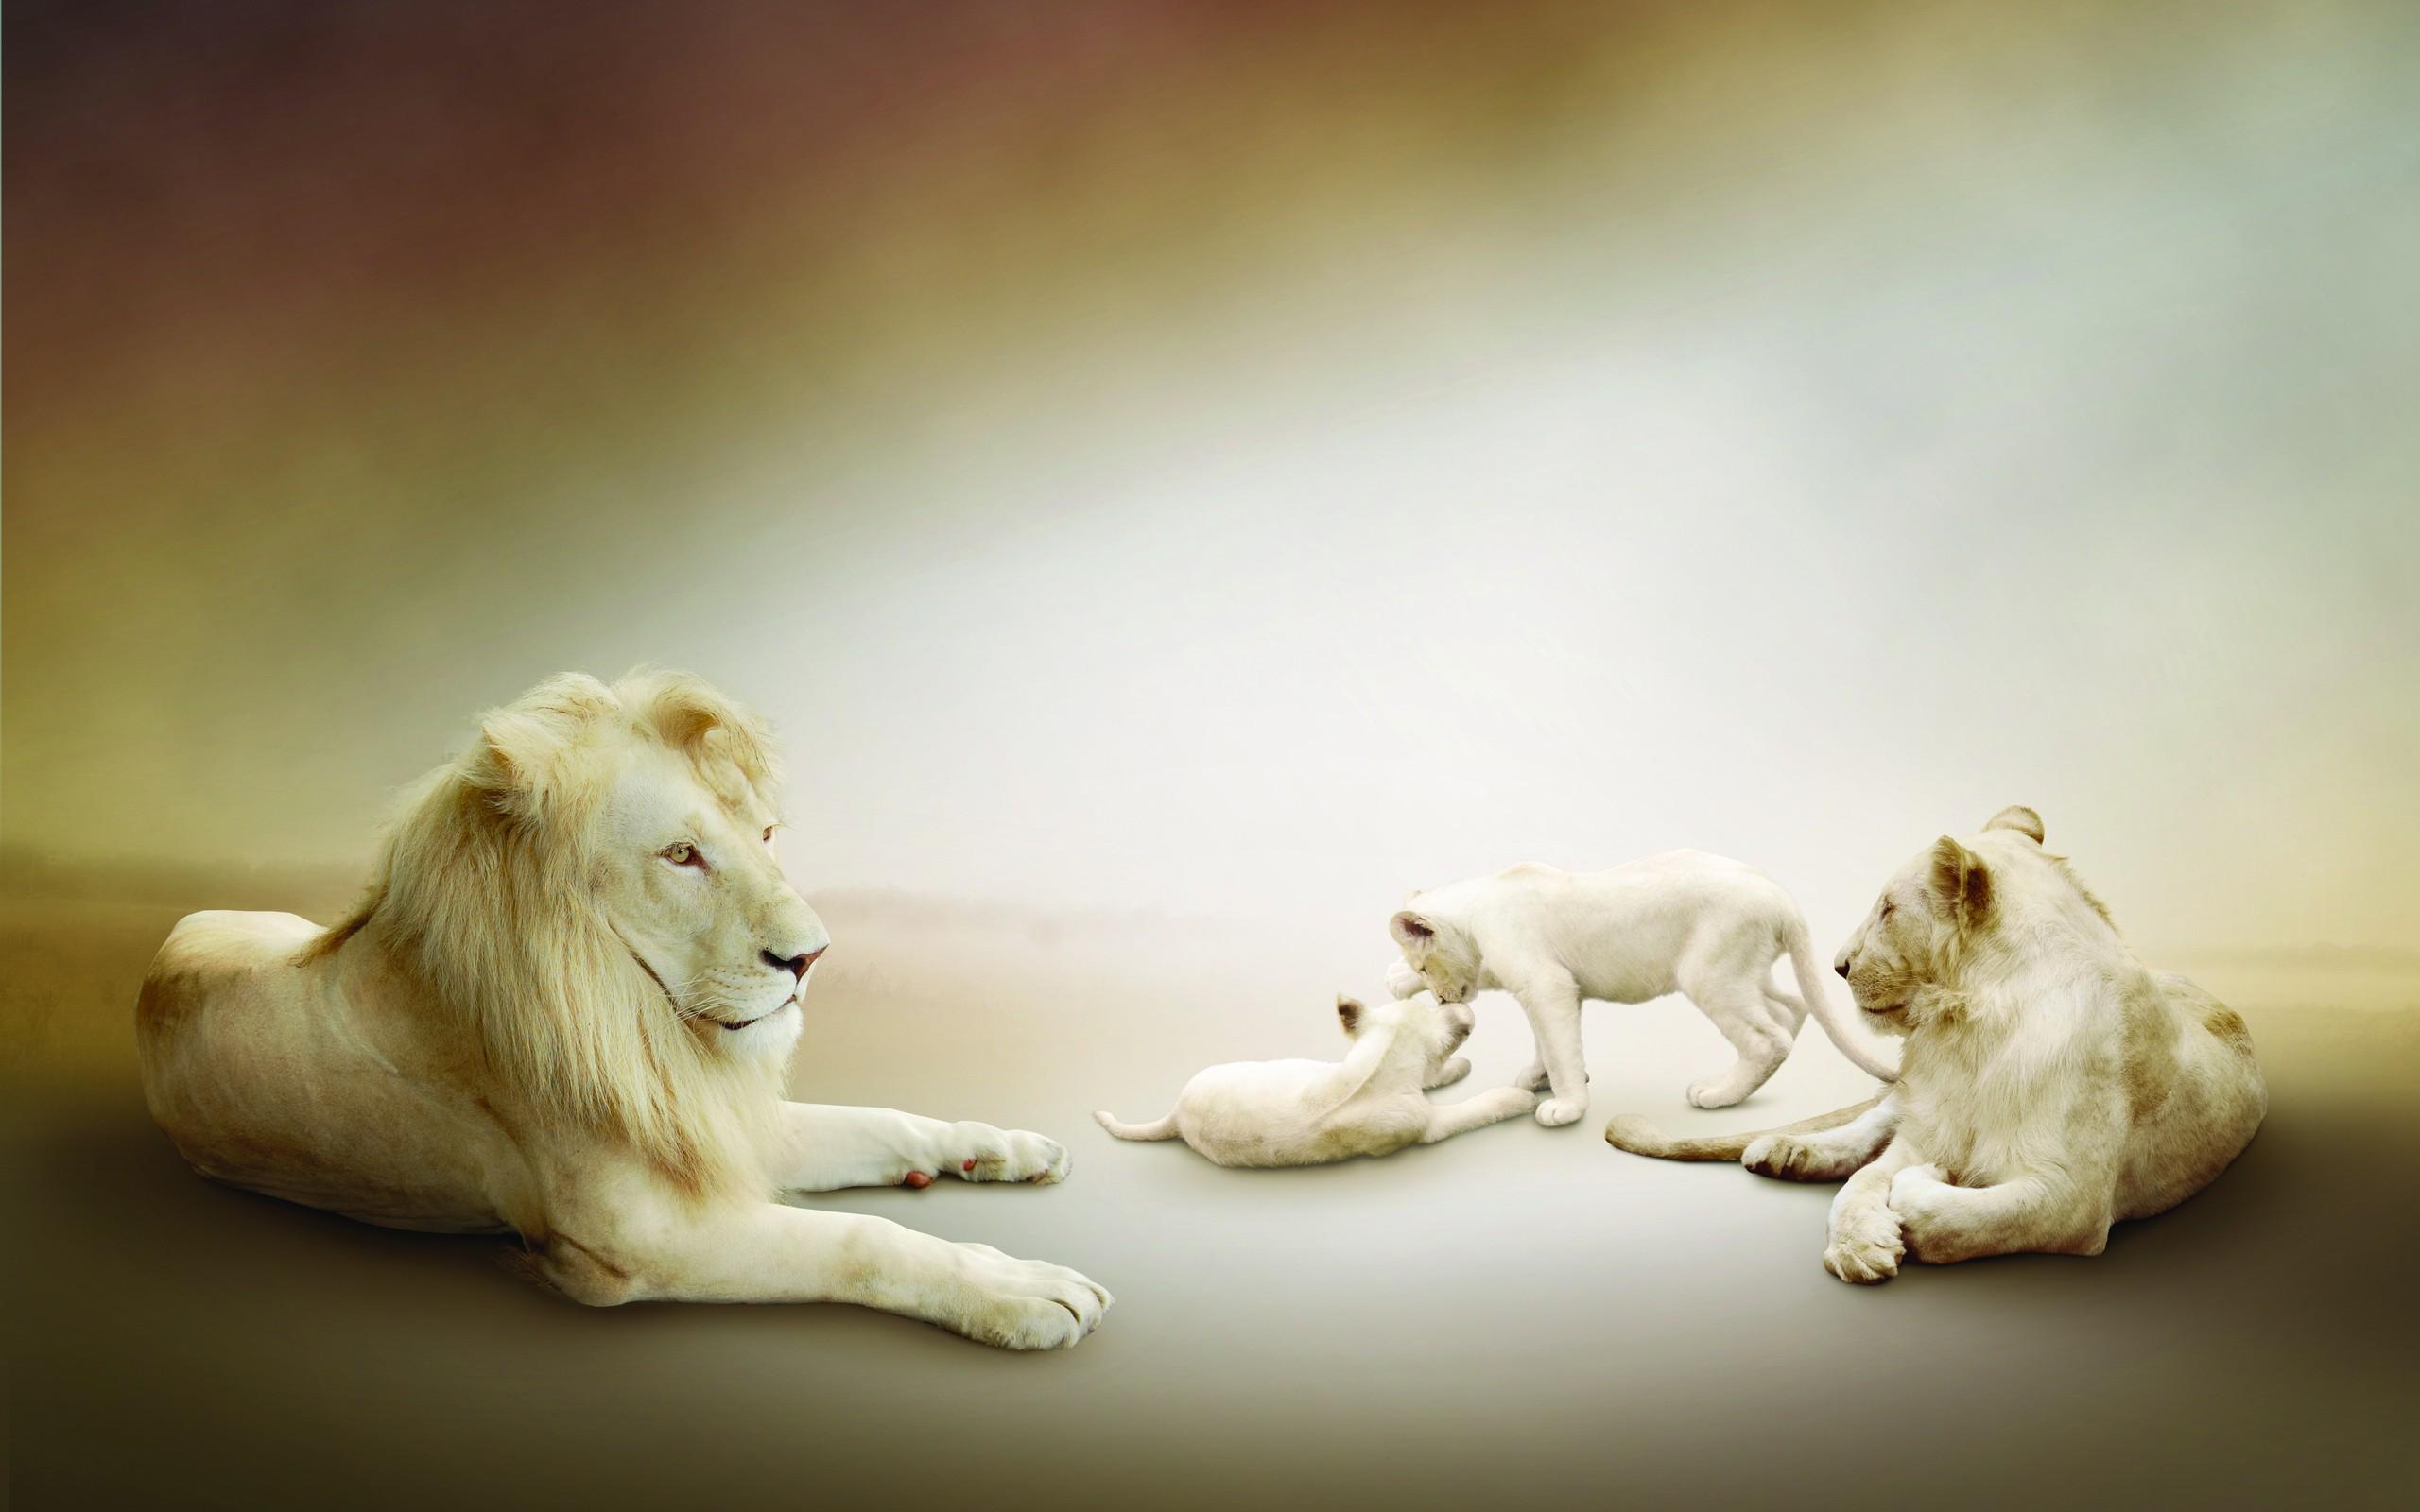 Hd wallpaper lion - Hd Wallpaper Background Id 299992 2560x1600 Animal White Lion